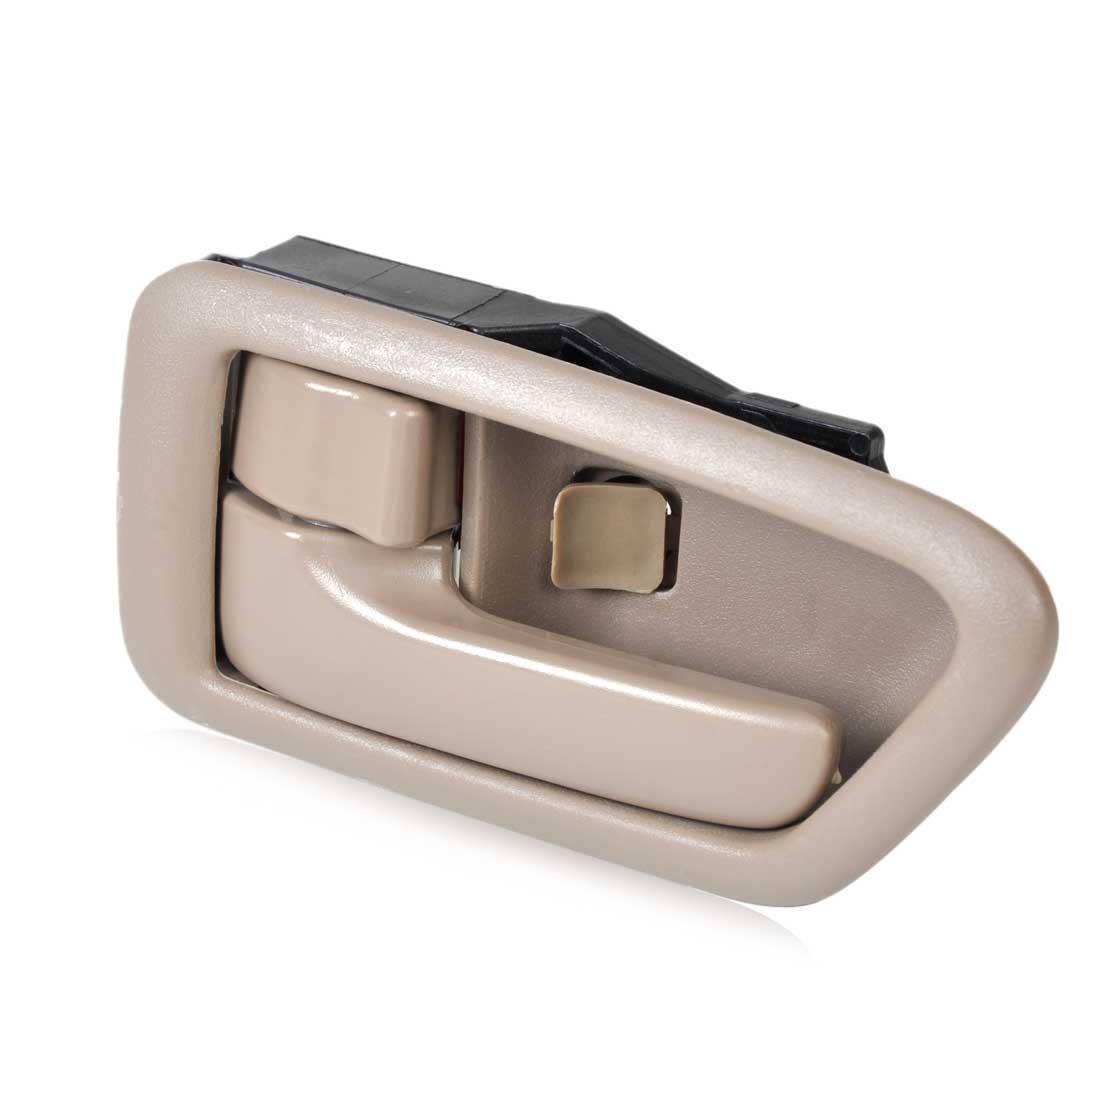 Appealing 2001 Toyota Camry Door Handle Replacement Ideas - Exterior ...